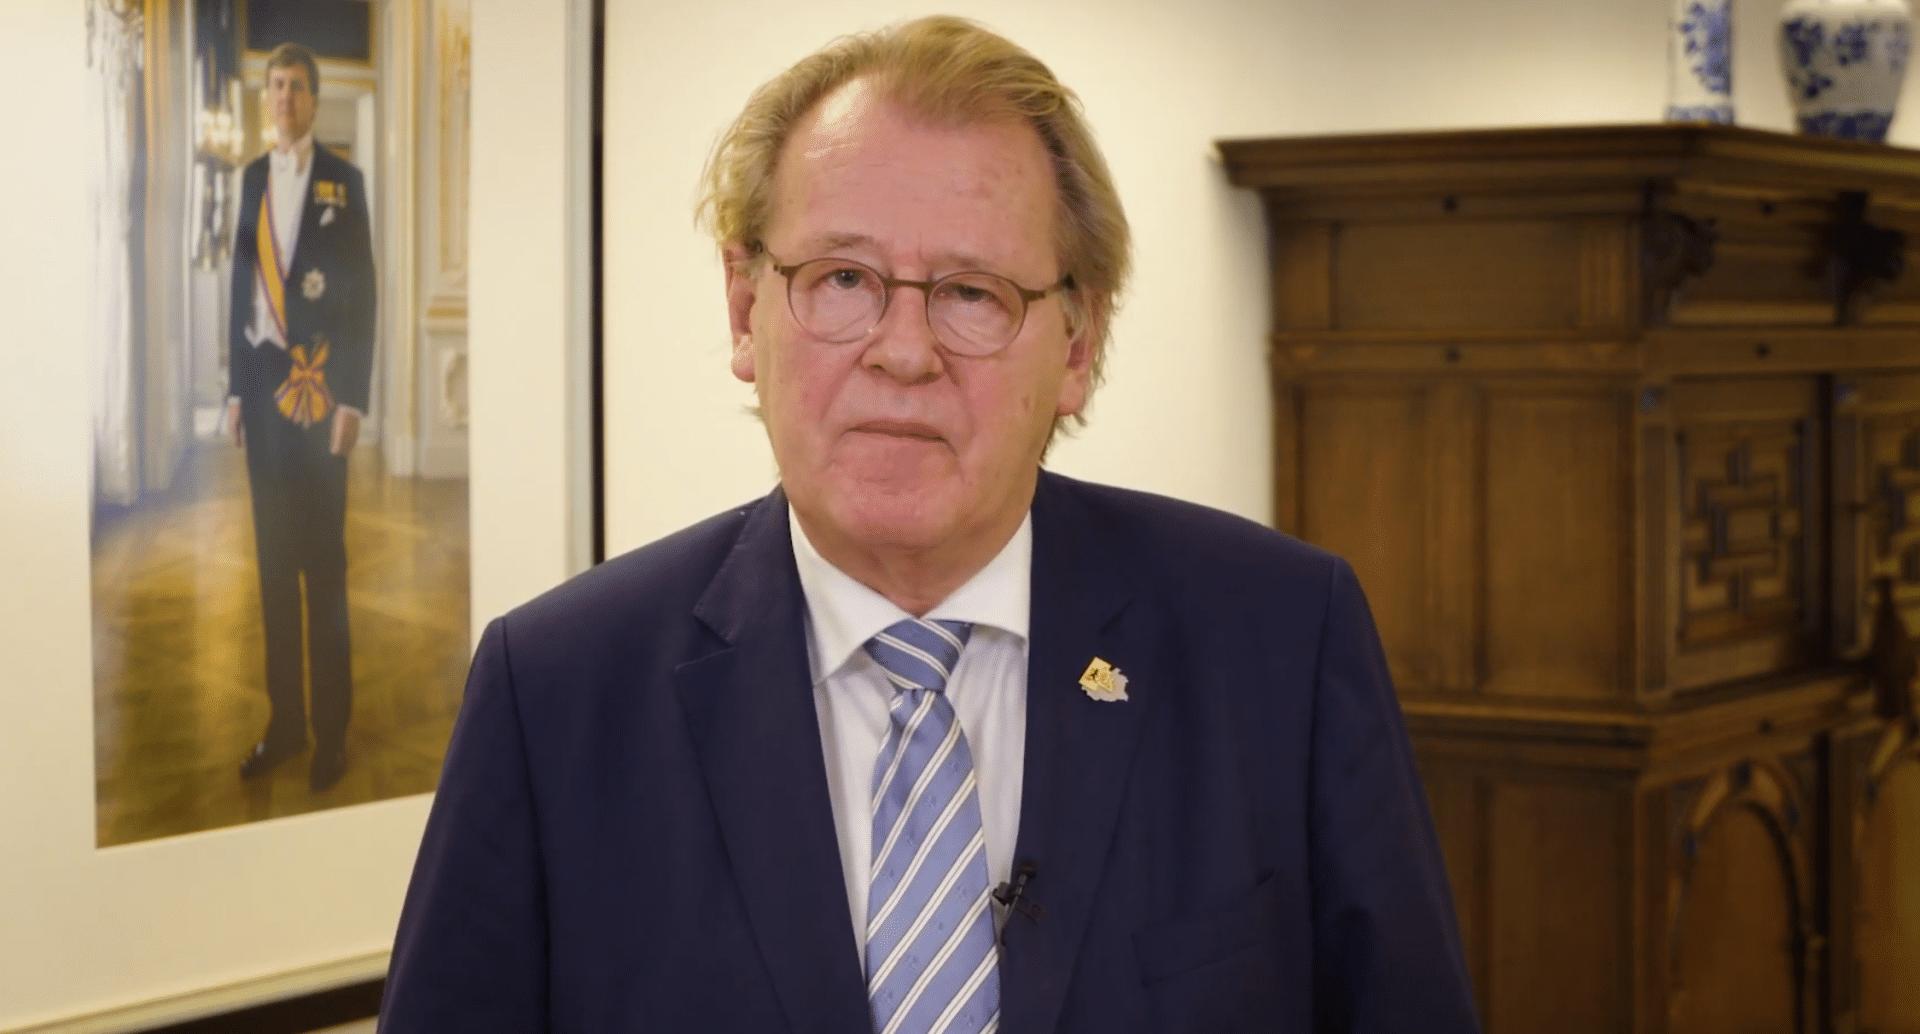 Nieuwjaarstoespraak commissaris van de Koning Zuid-Holland Jaap Smit